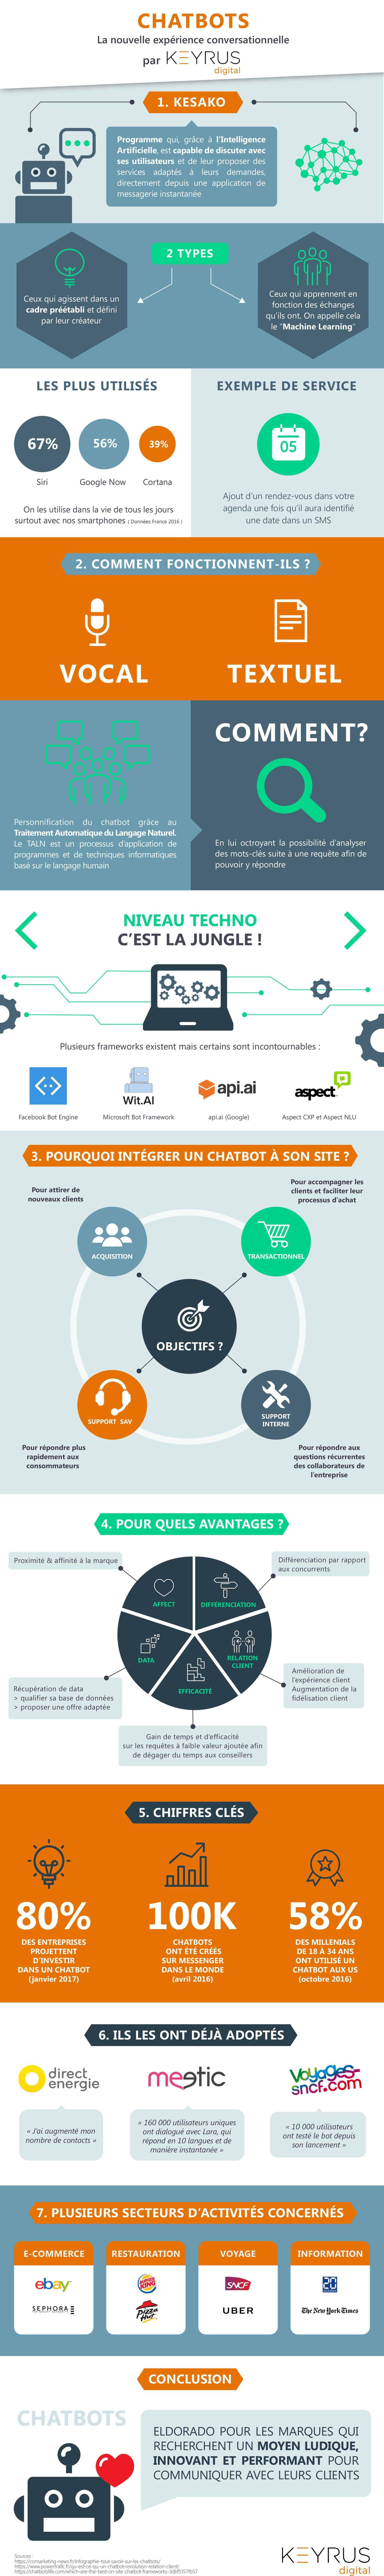 chatbots : infographie pour comprendre la technologie